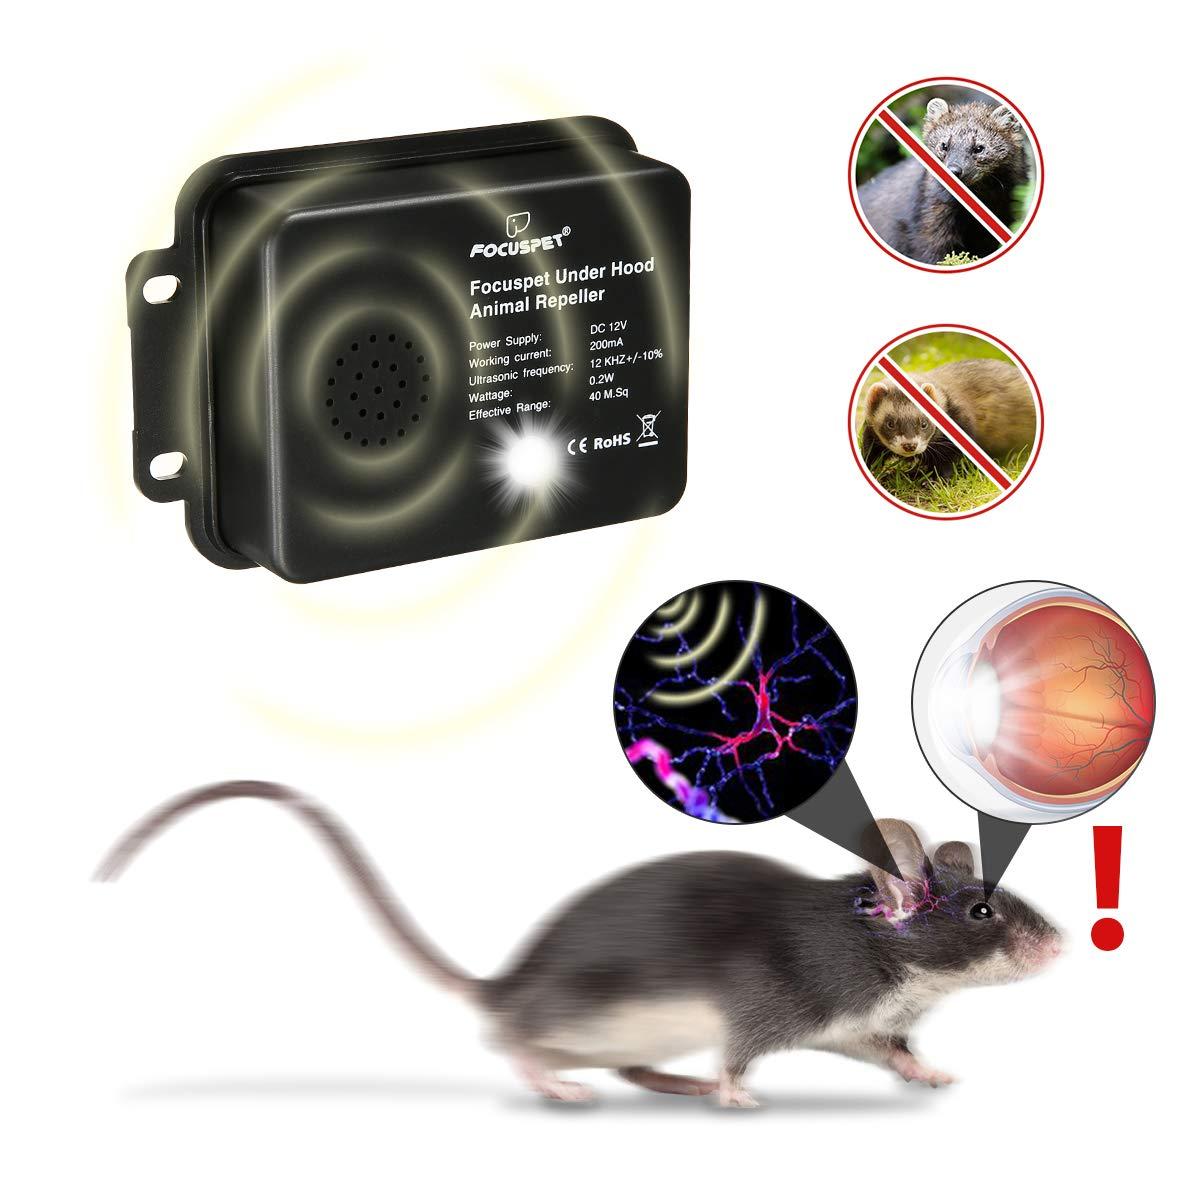 Focuspet Repelente de Rat/ón,2 Piezas Repelente de Coches Repelente de Ultrasonidos de Animales Repelentes Desconocidos contra Ratas,Visones etc